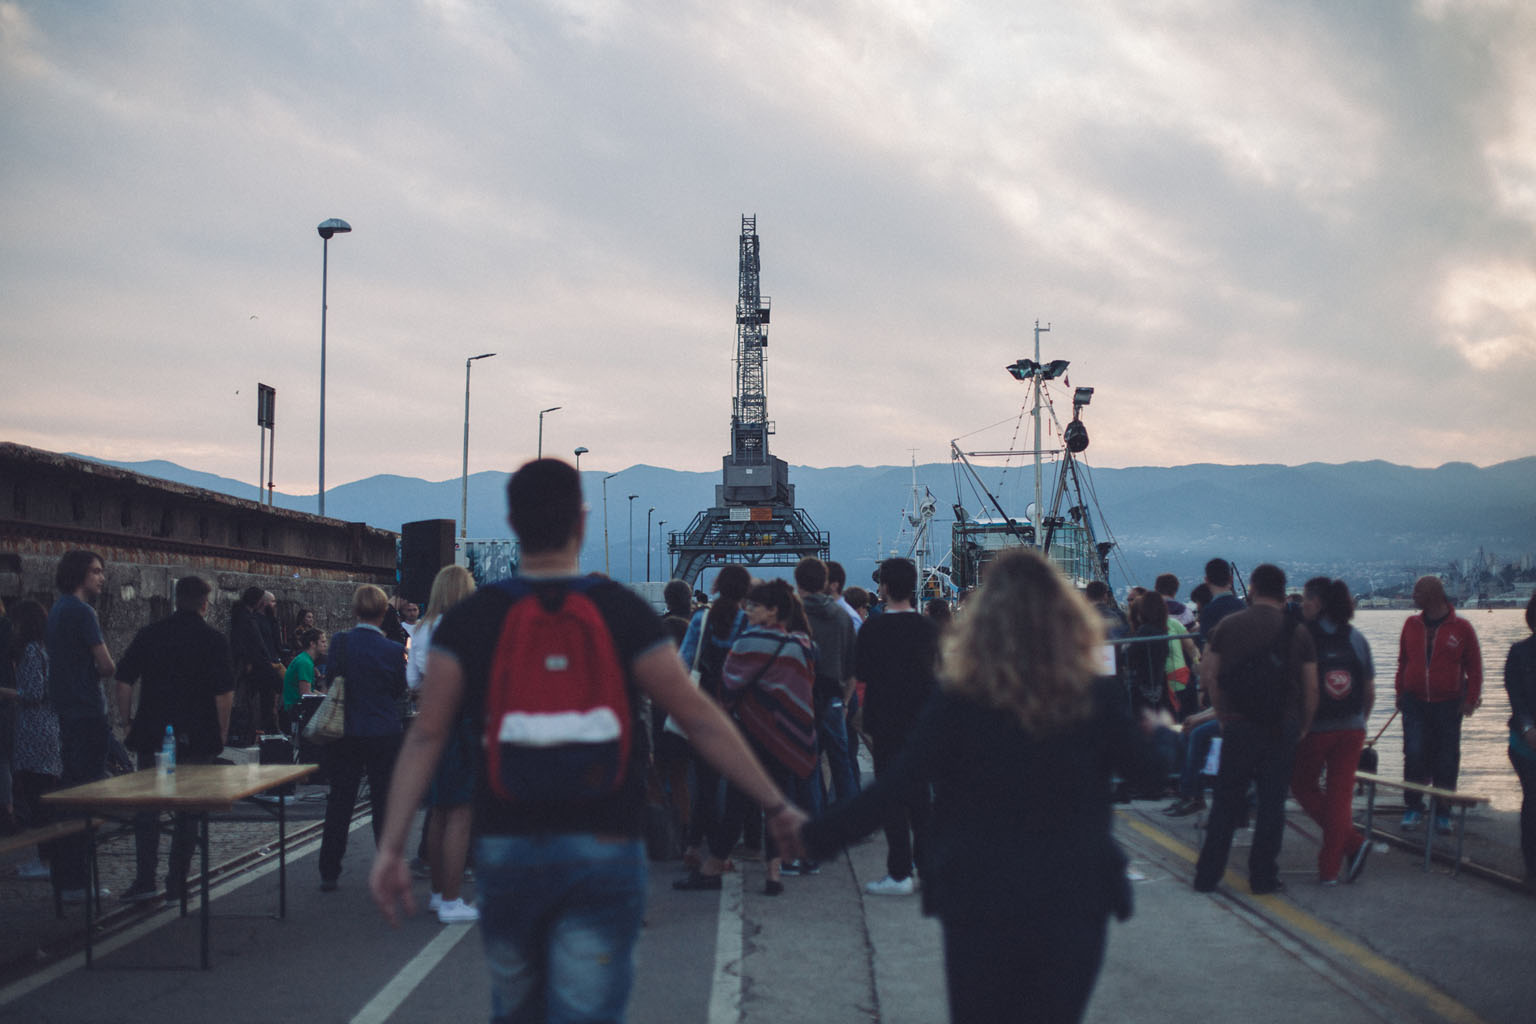 Gledaj (u)druge_Festival (183)